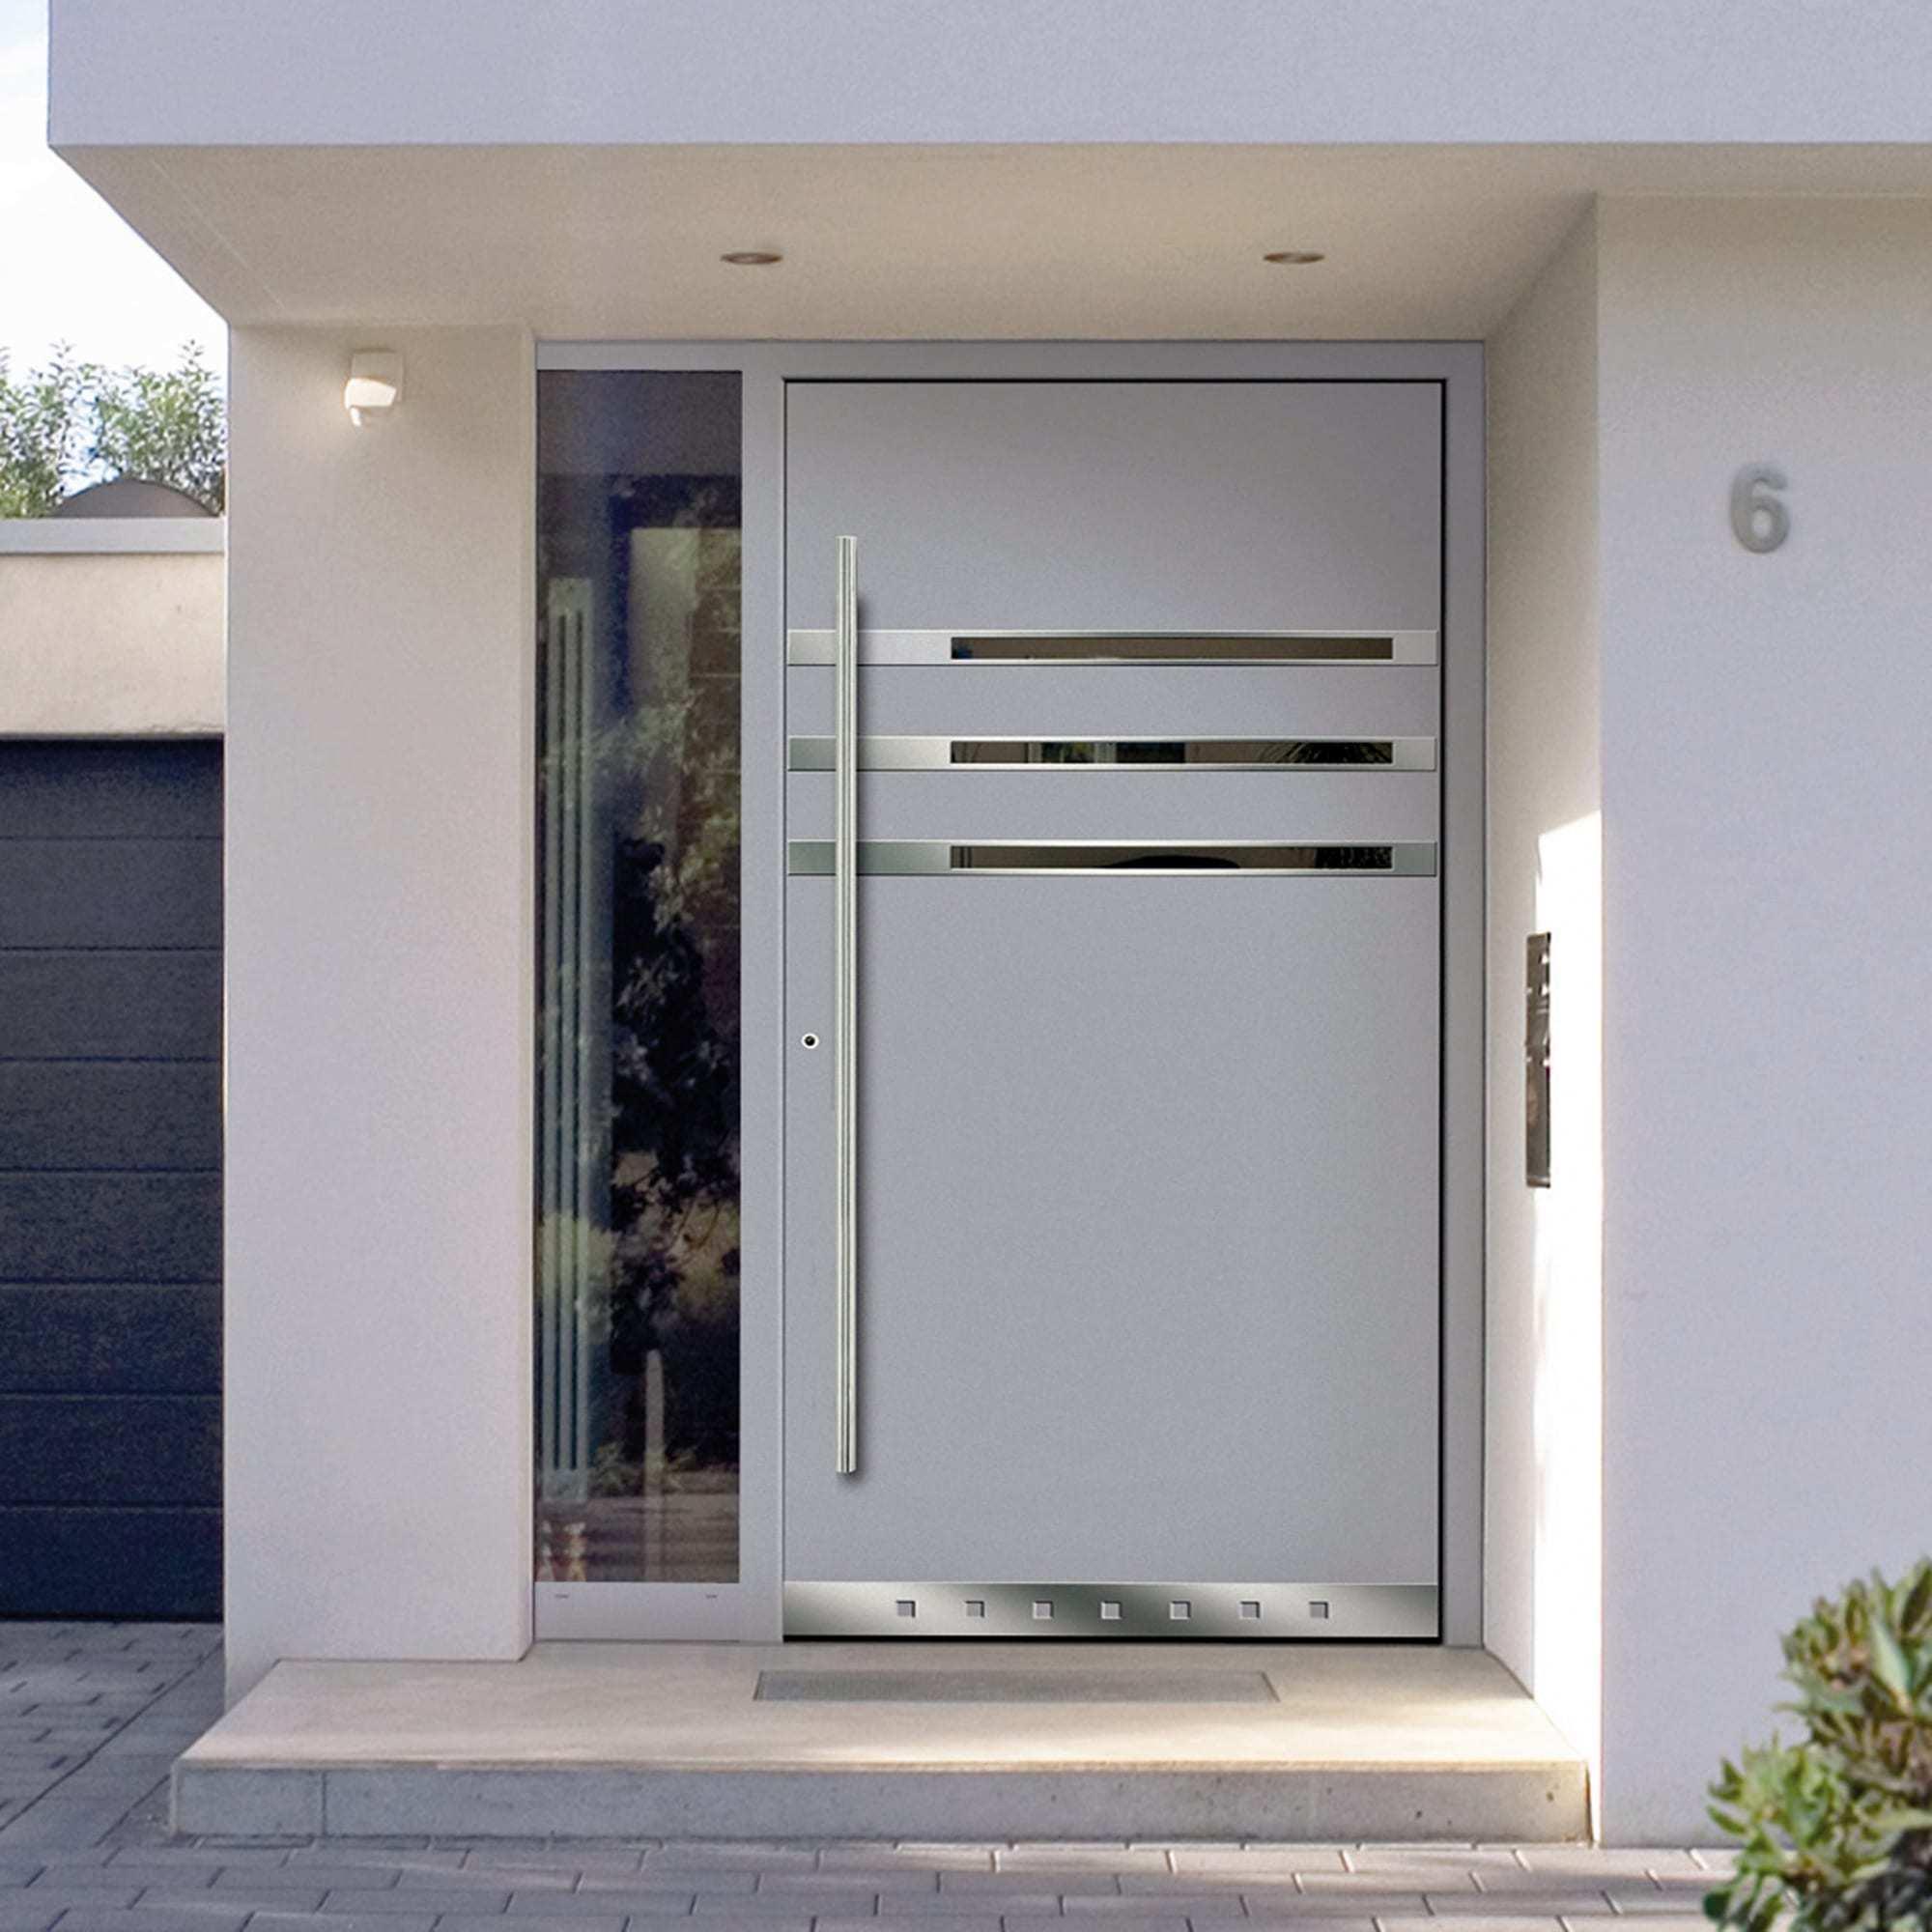 K mmerling 76 residential door aluclip zero inward opening - Modelos de puertas de aluminio ...